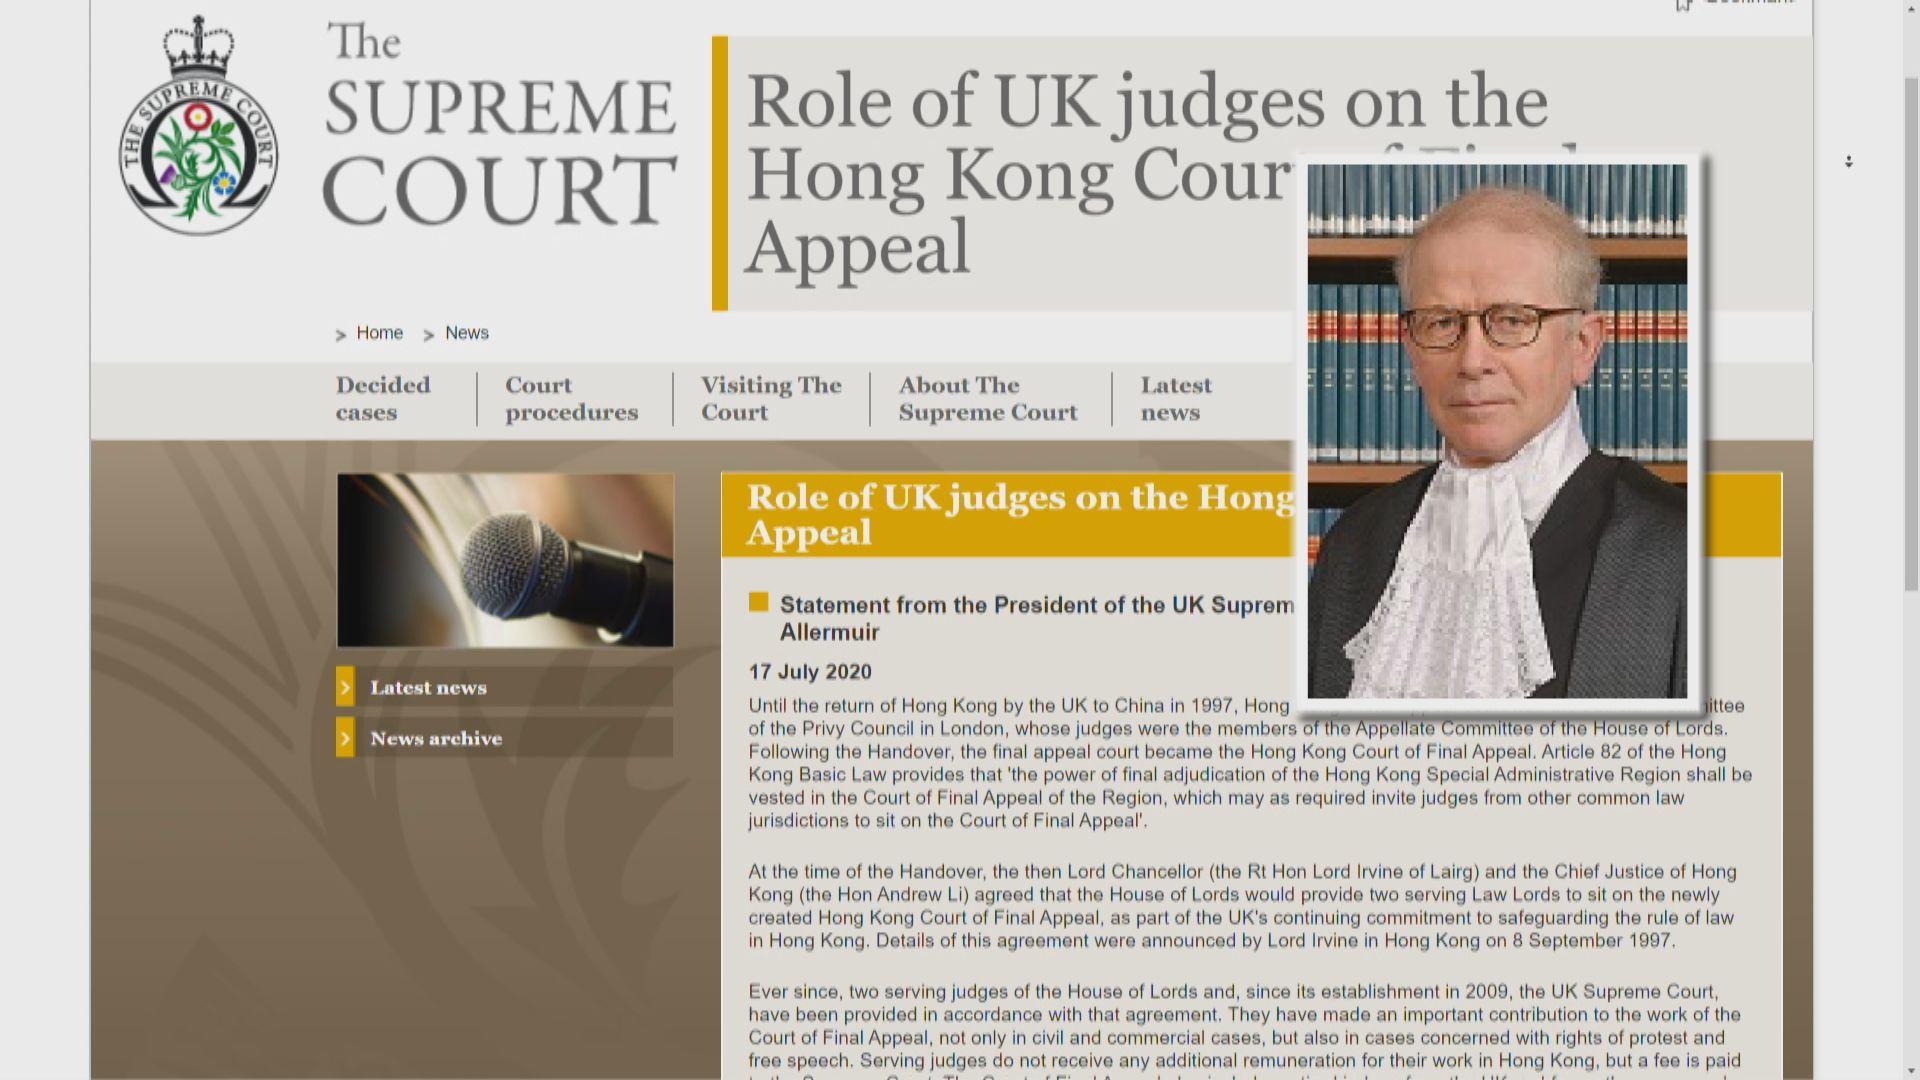 英最高法院院長:英國會視乎情況再決定是否派法官到港